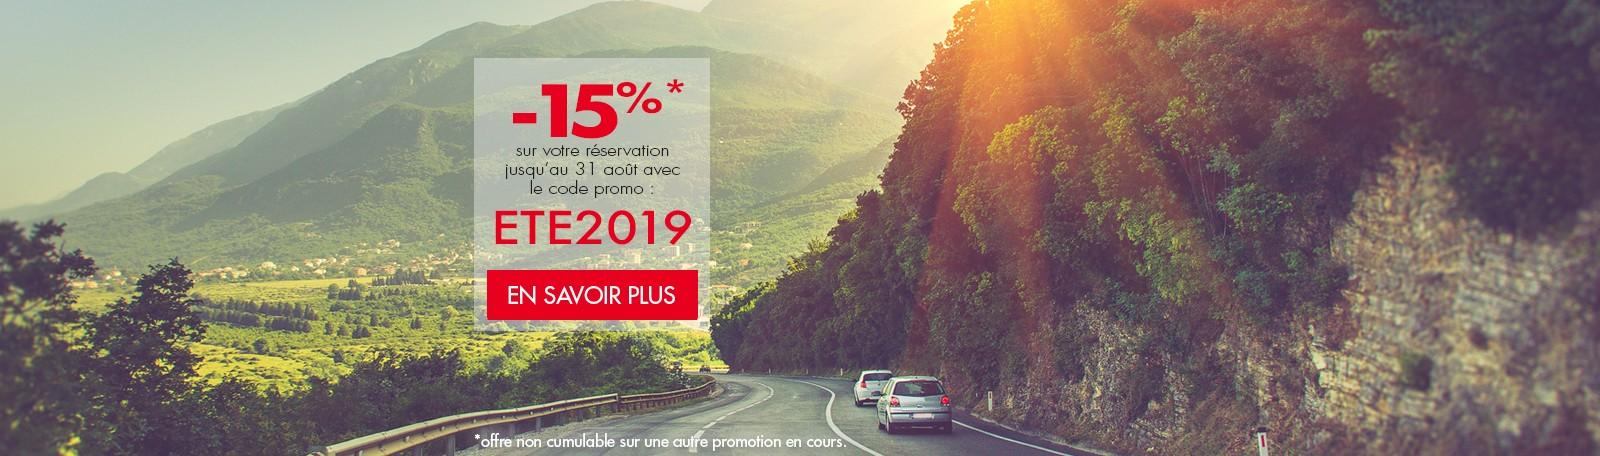 -15% sur votre réservation jusqu'au 31 août avec le code promo : ETE2019